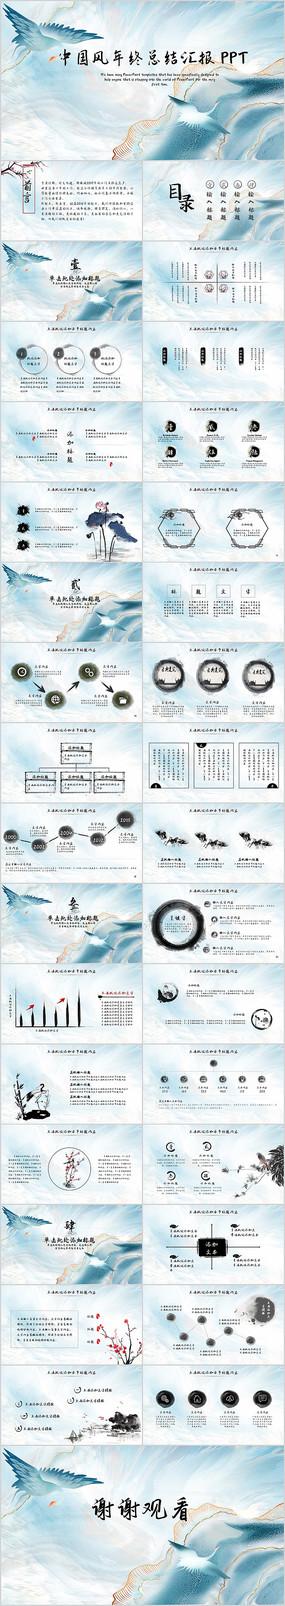 蓝色唯美2021中国风年终总结汇报PPT